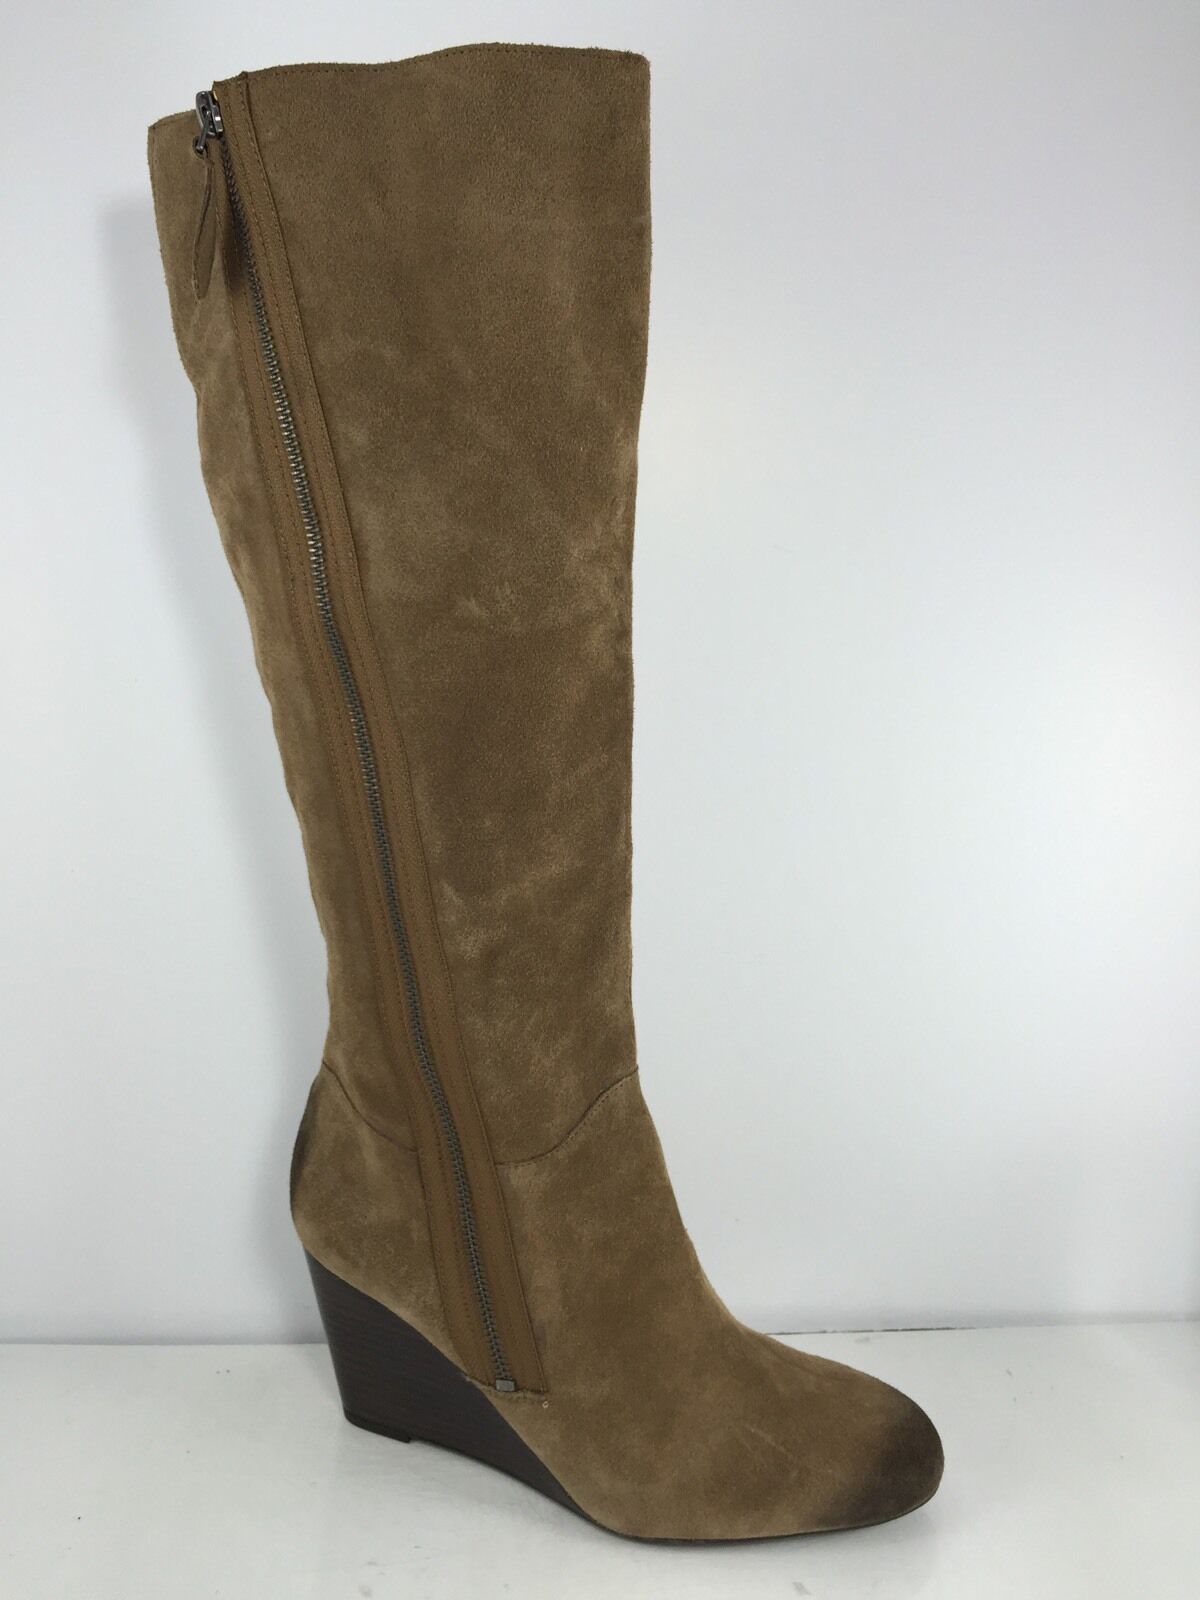 Franco Sarto Damenschuhe Braun Leder Knee Stiefel 10 M M 10 e545e2